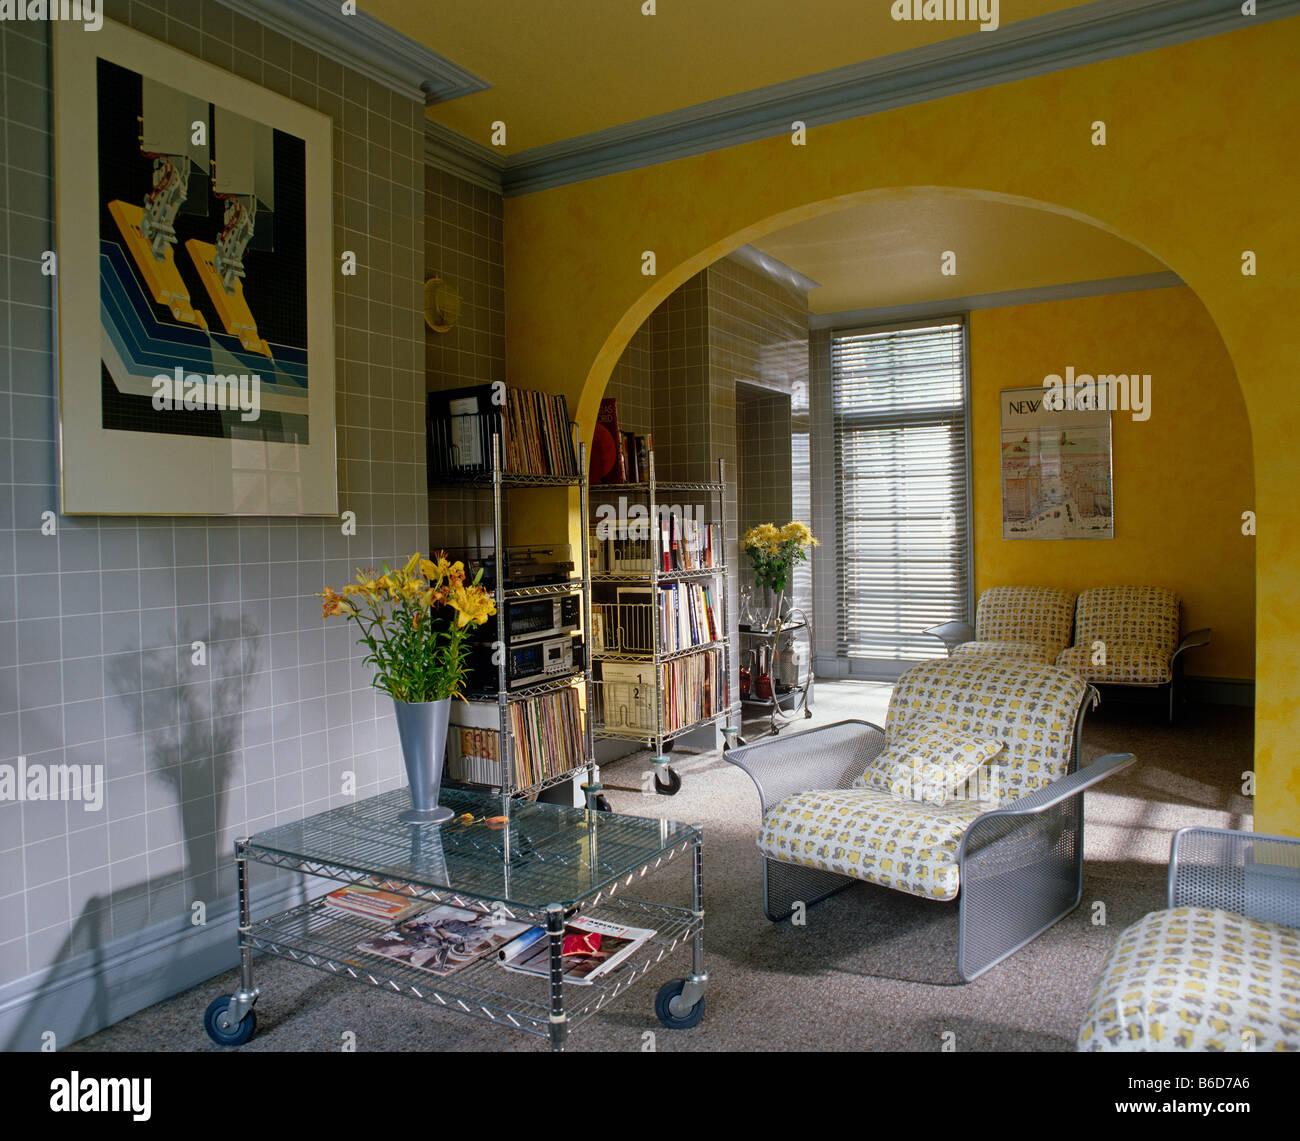 80er Jahre Stil Wohnzimmer Interior Stockfoto, Bild: 21189454 - Alamy